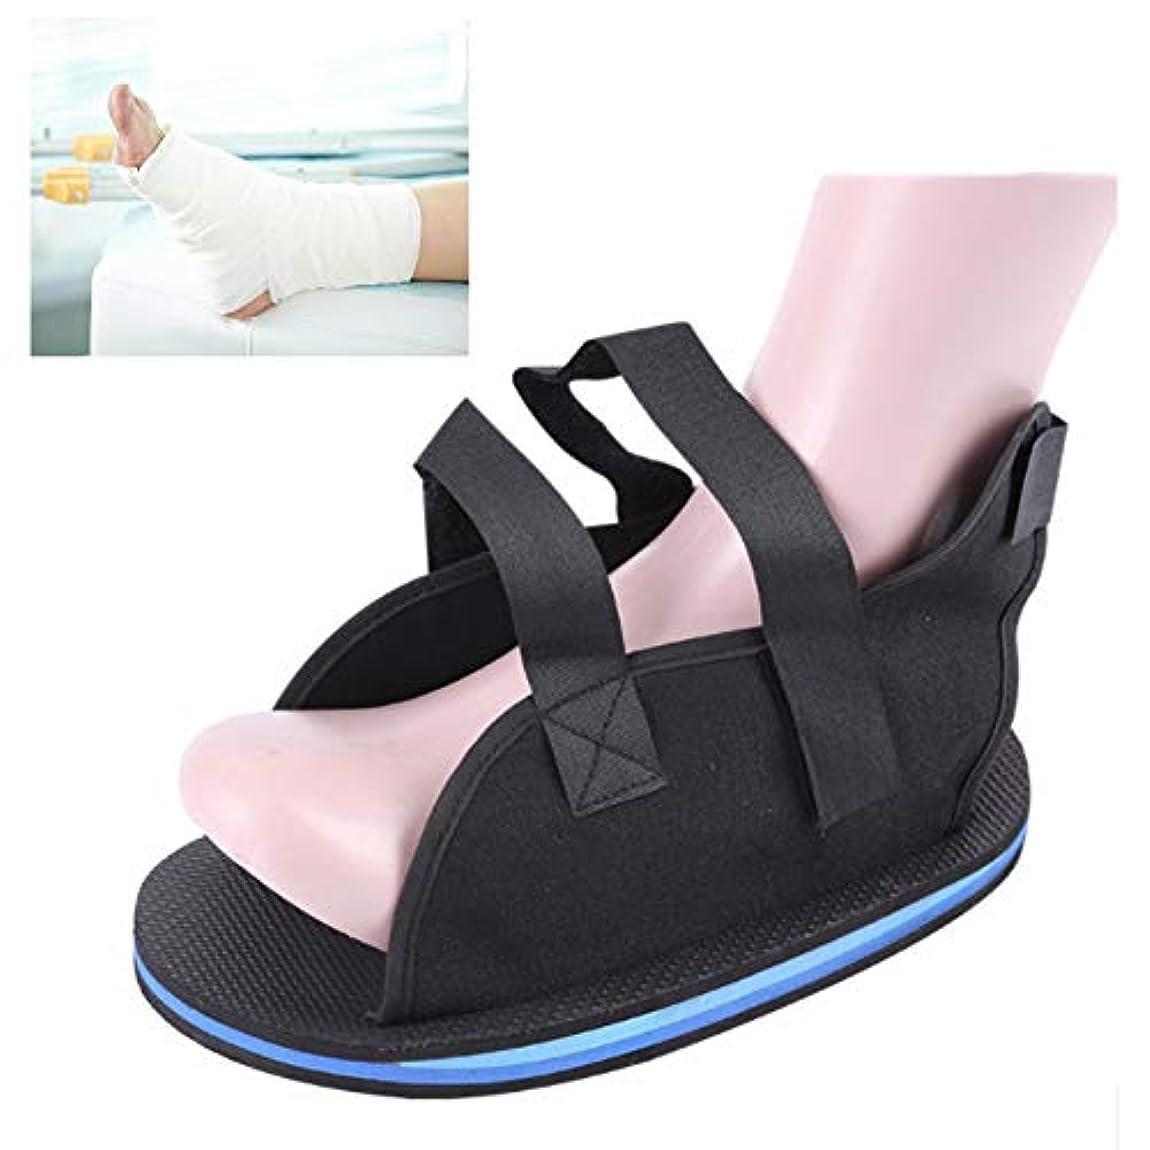 束ねる責任グリル術後ウォーキングブートキャスト医療靴骨折足の靴ポスト傷害外科治療リハビリ石膏靴,22cm2pcs